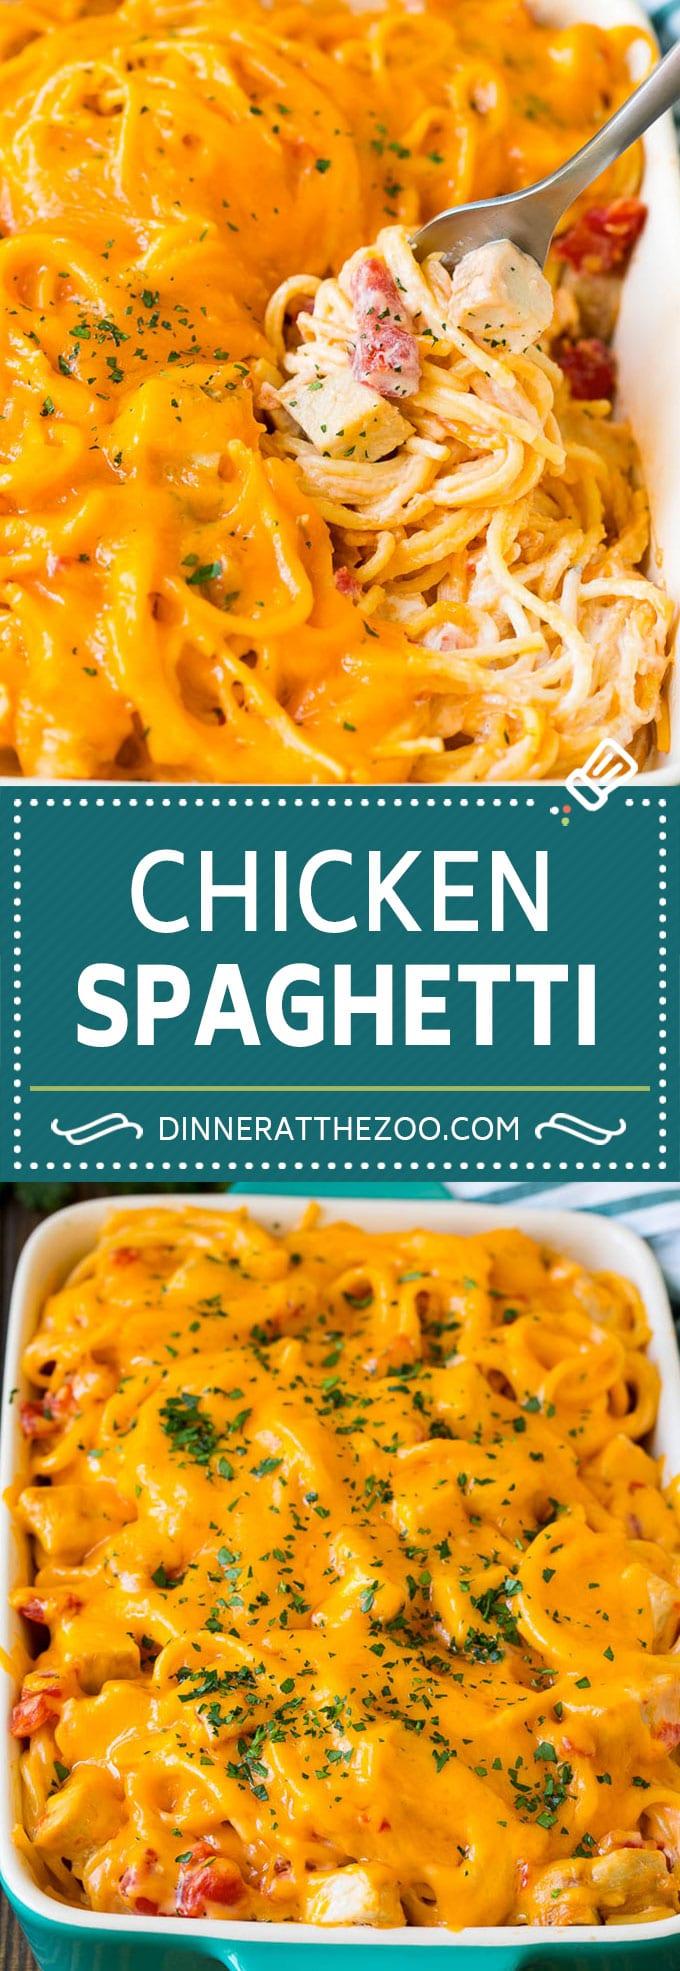 Chicken Spaghetti Recipe | Baked Spaghetti #pasta #spaghetti #chicken #cheese #casserole #dinner #dinneratthezoo